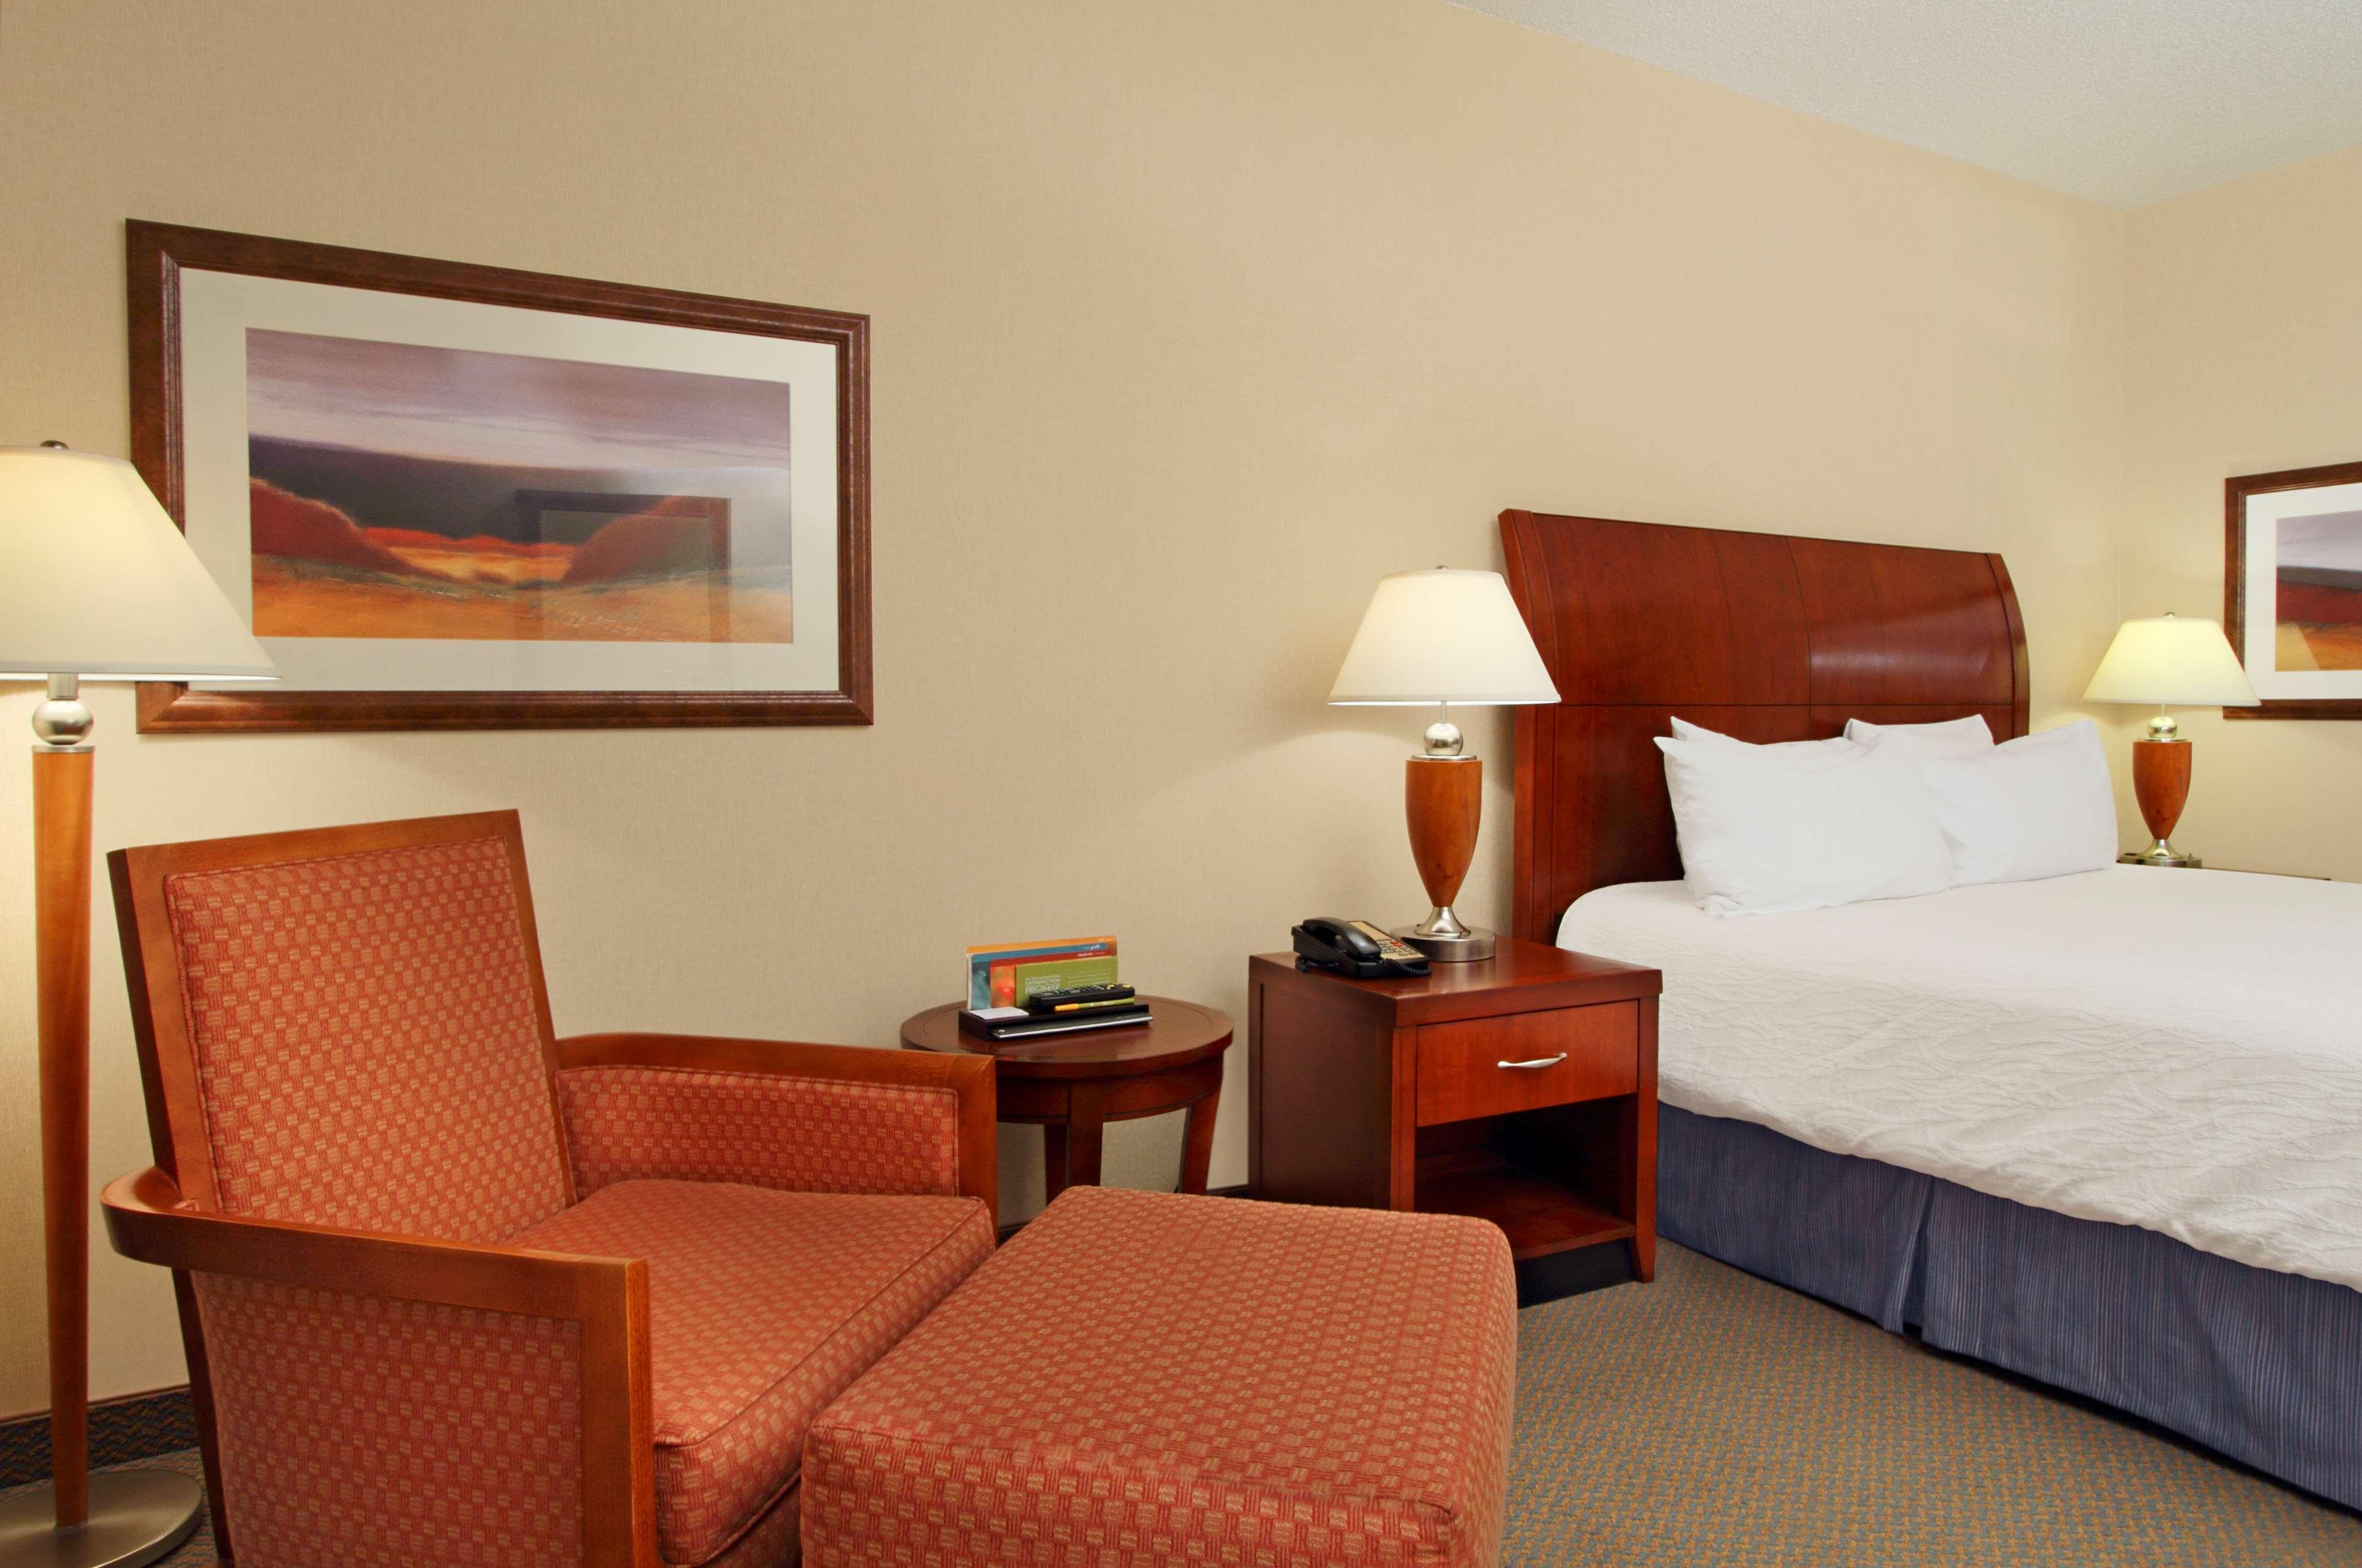 Hilton Garden Inn Columbus-University Area image 14